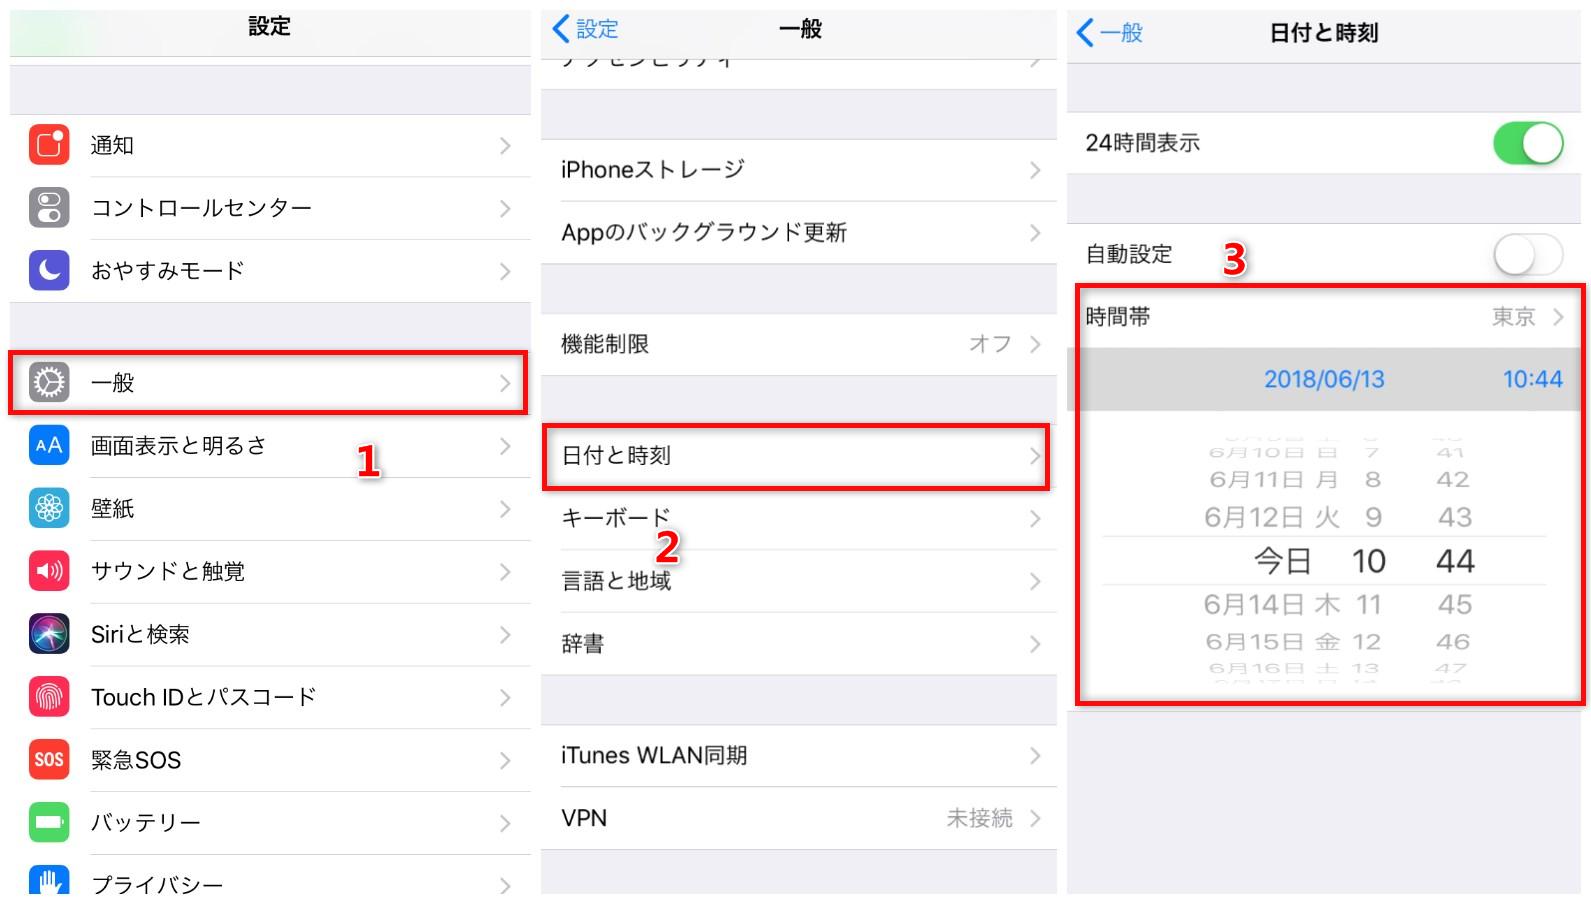 iOS 12アップデートによる不具合・バグ - iPhoneが勝手に再起動を繰り返す